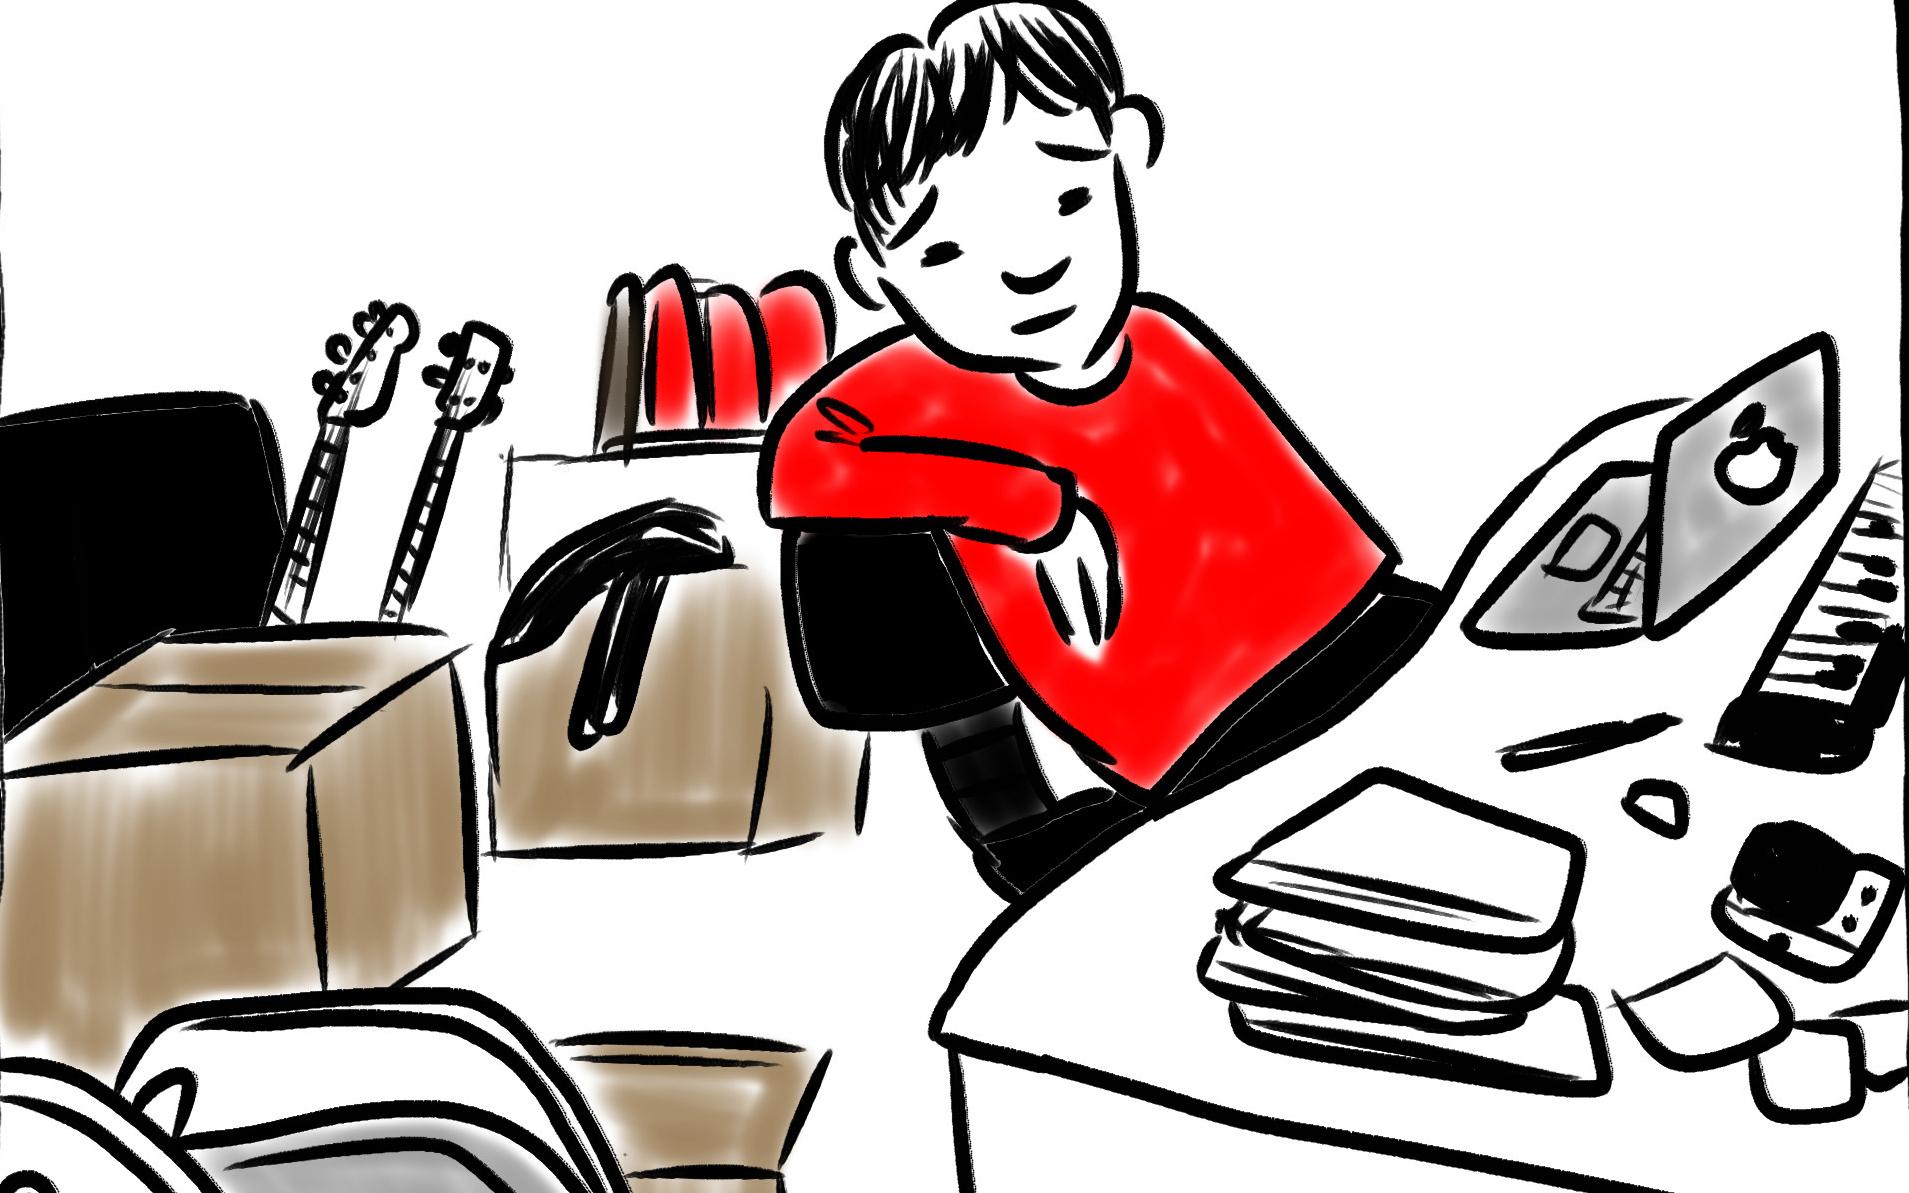 不要な子ども用品の行先はパパの部屋。物置化した部屋も子育ての楽しみ?